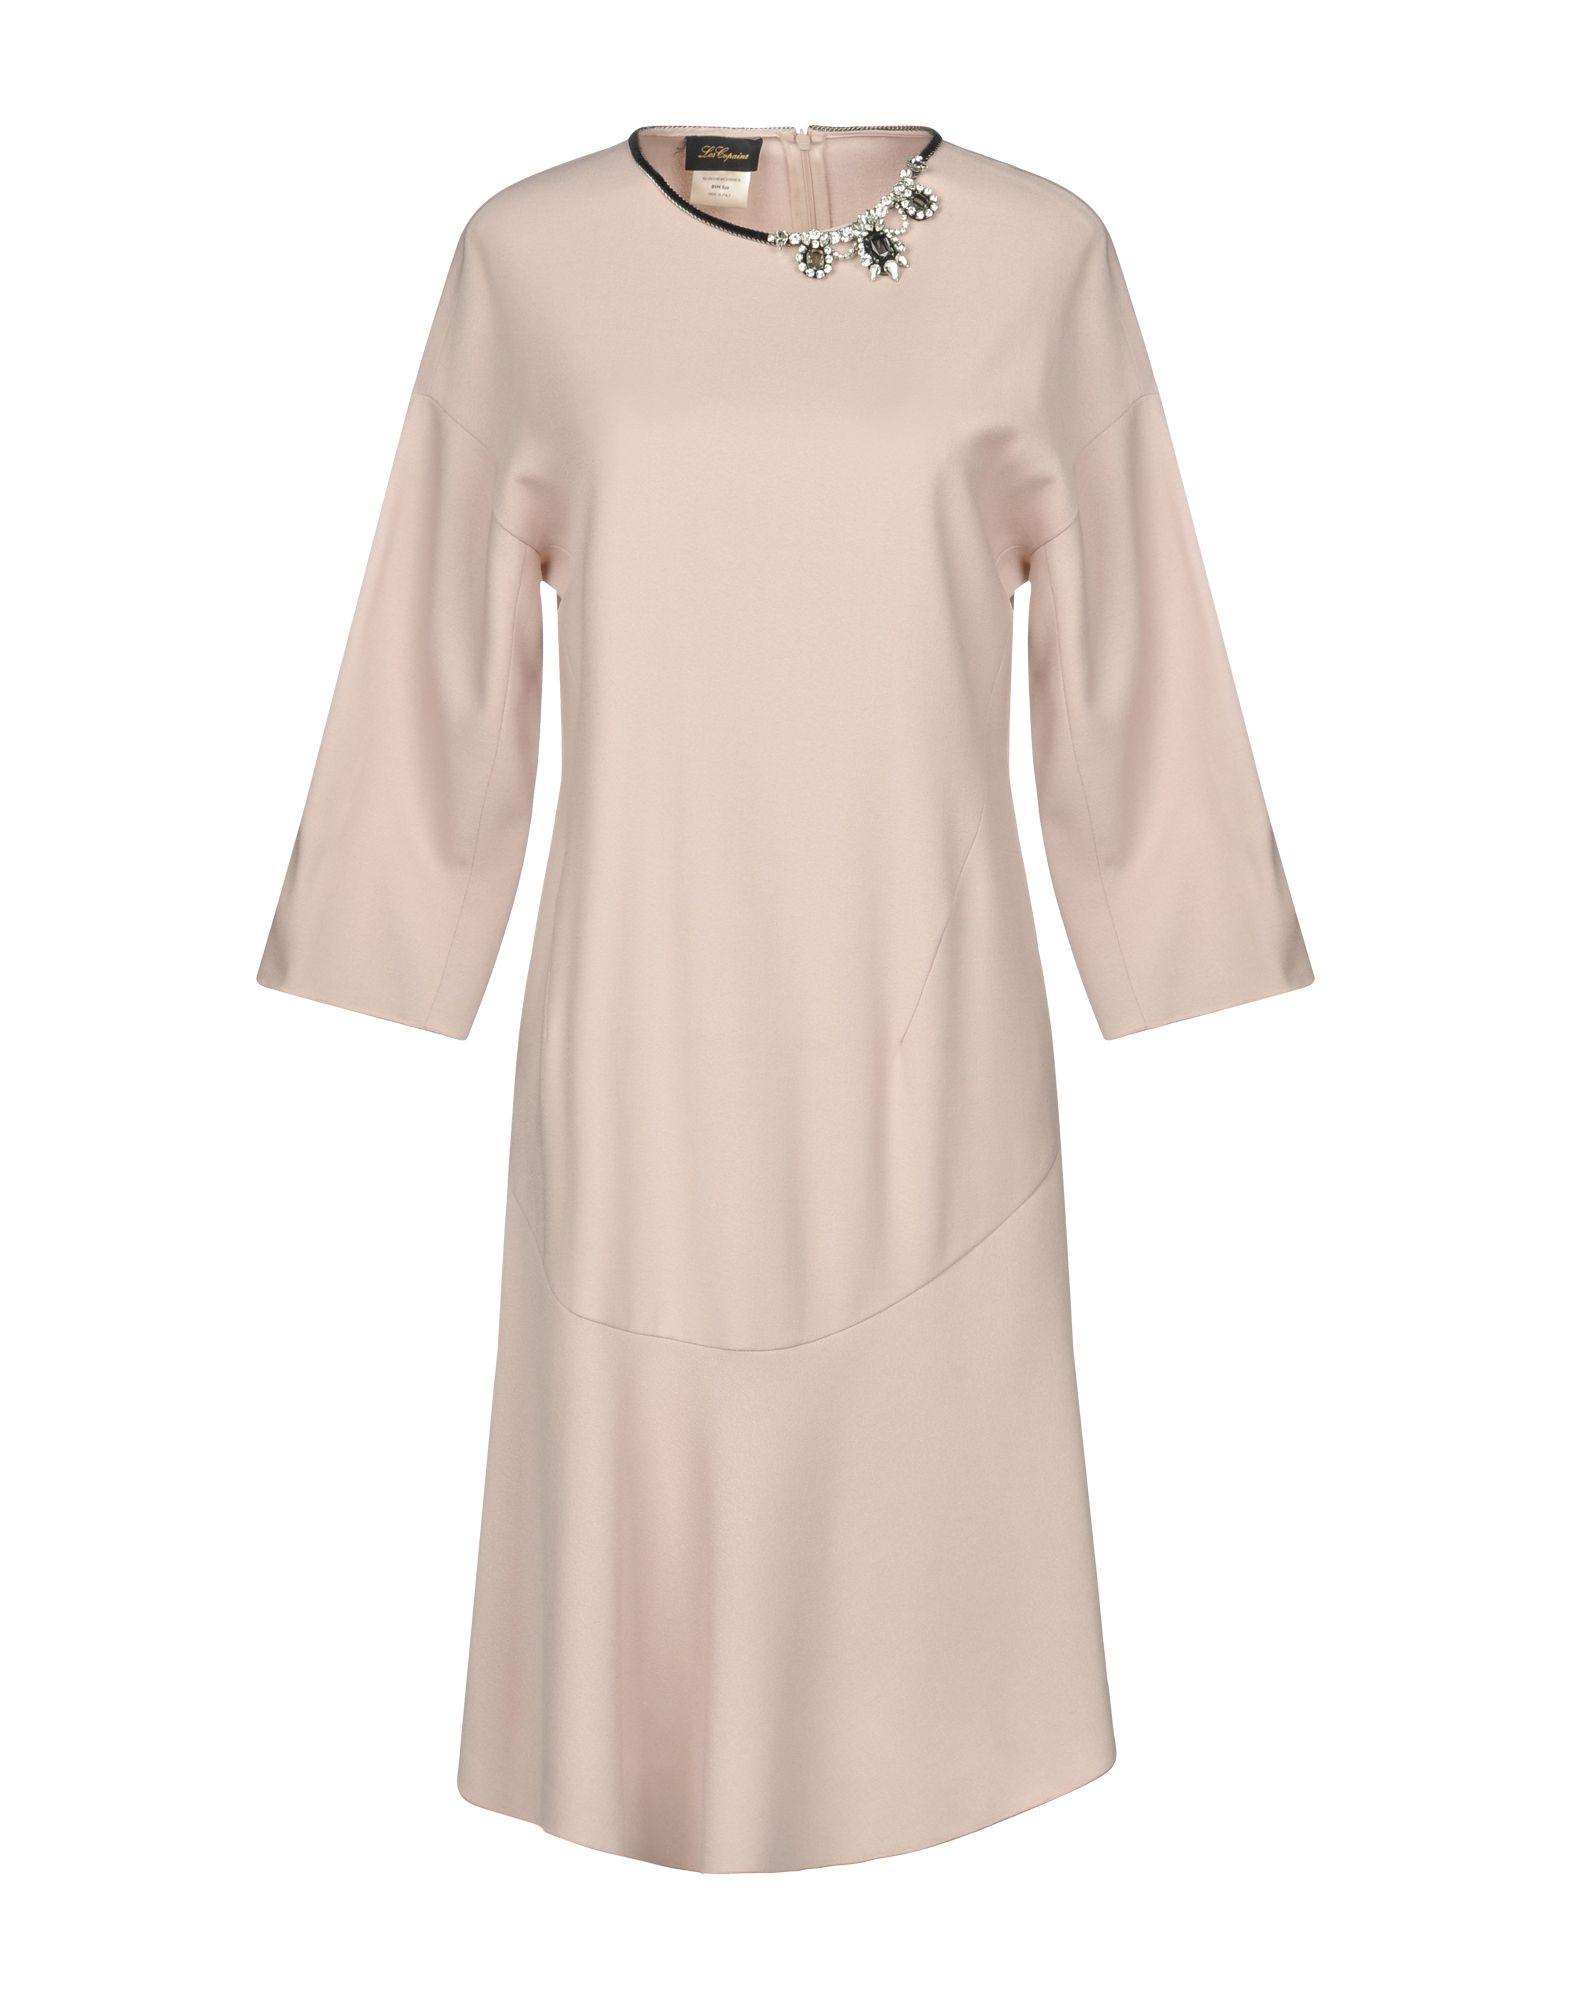 LES COPAINS | LES COPAINS Knee-Length Dresses 34875983 | Goxip